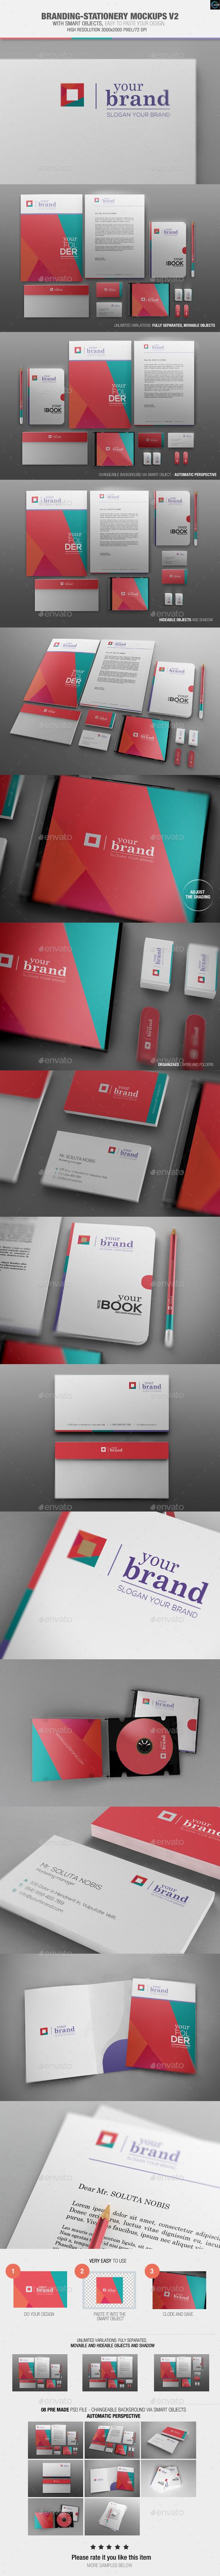 Branding-Stationery Mockups V2  - Stationery Print